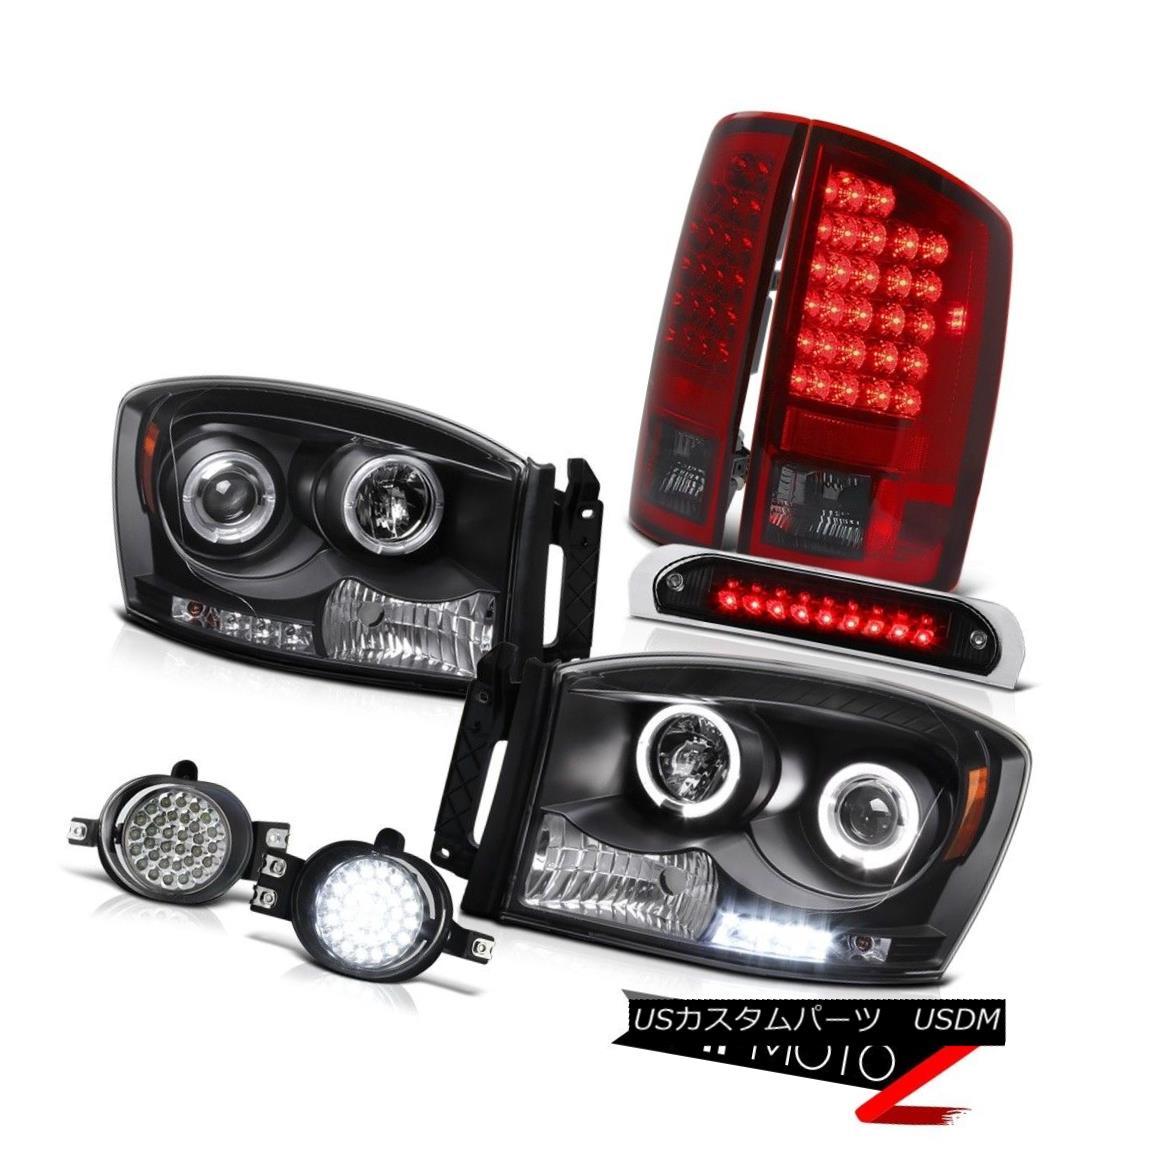 テールライト 2006 Ram Magnum V8 2X Angel Eye Headlights Dark RED LED Tail Lights L.E.D DRL 2006ラムマグナムV8 2Xエンジェルアイヘッドライト暗赤色LEDテールライトL.E.D DRL